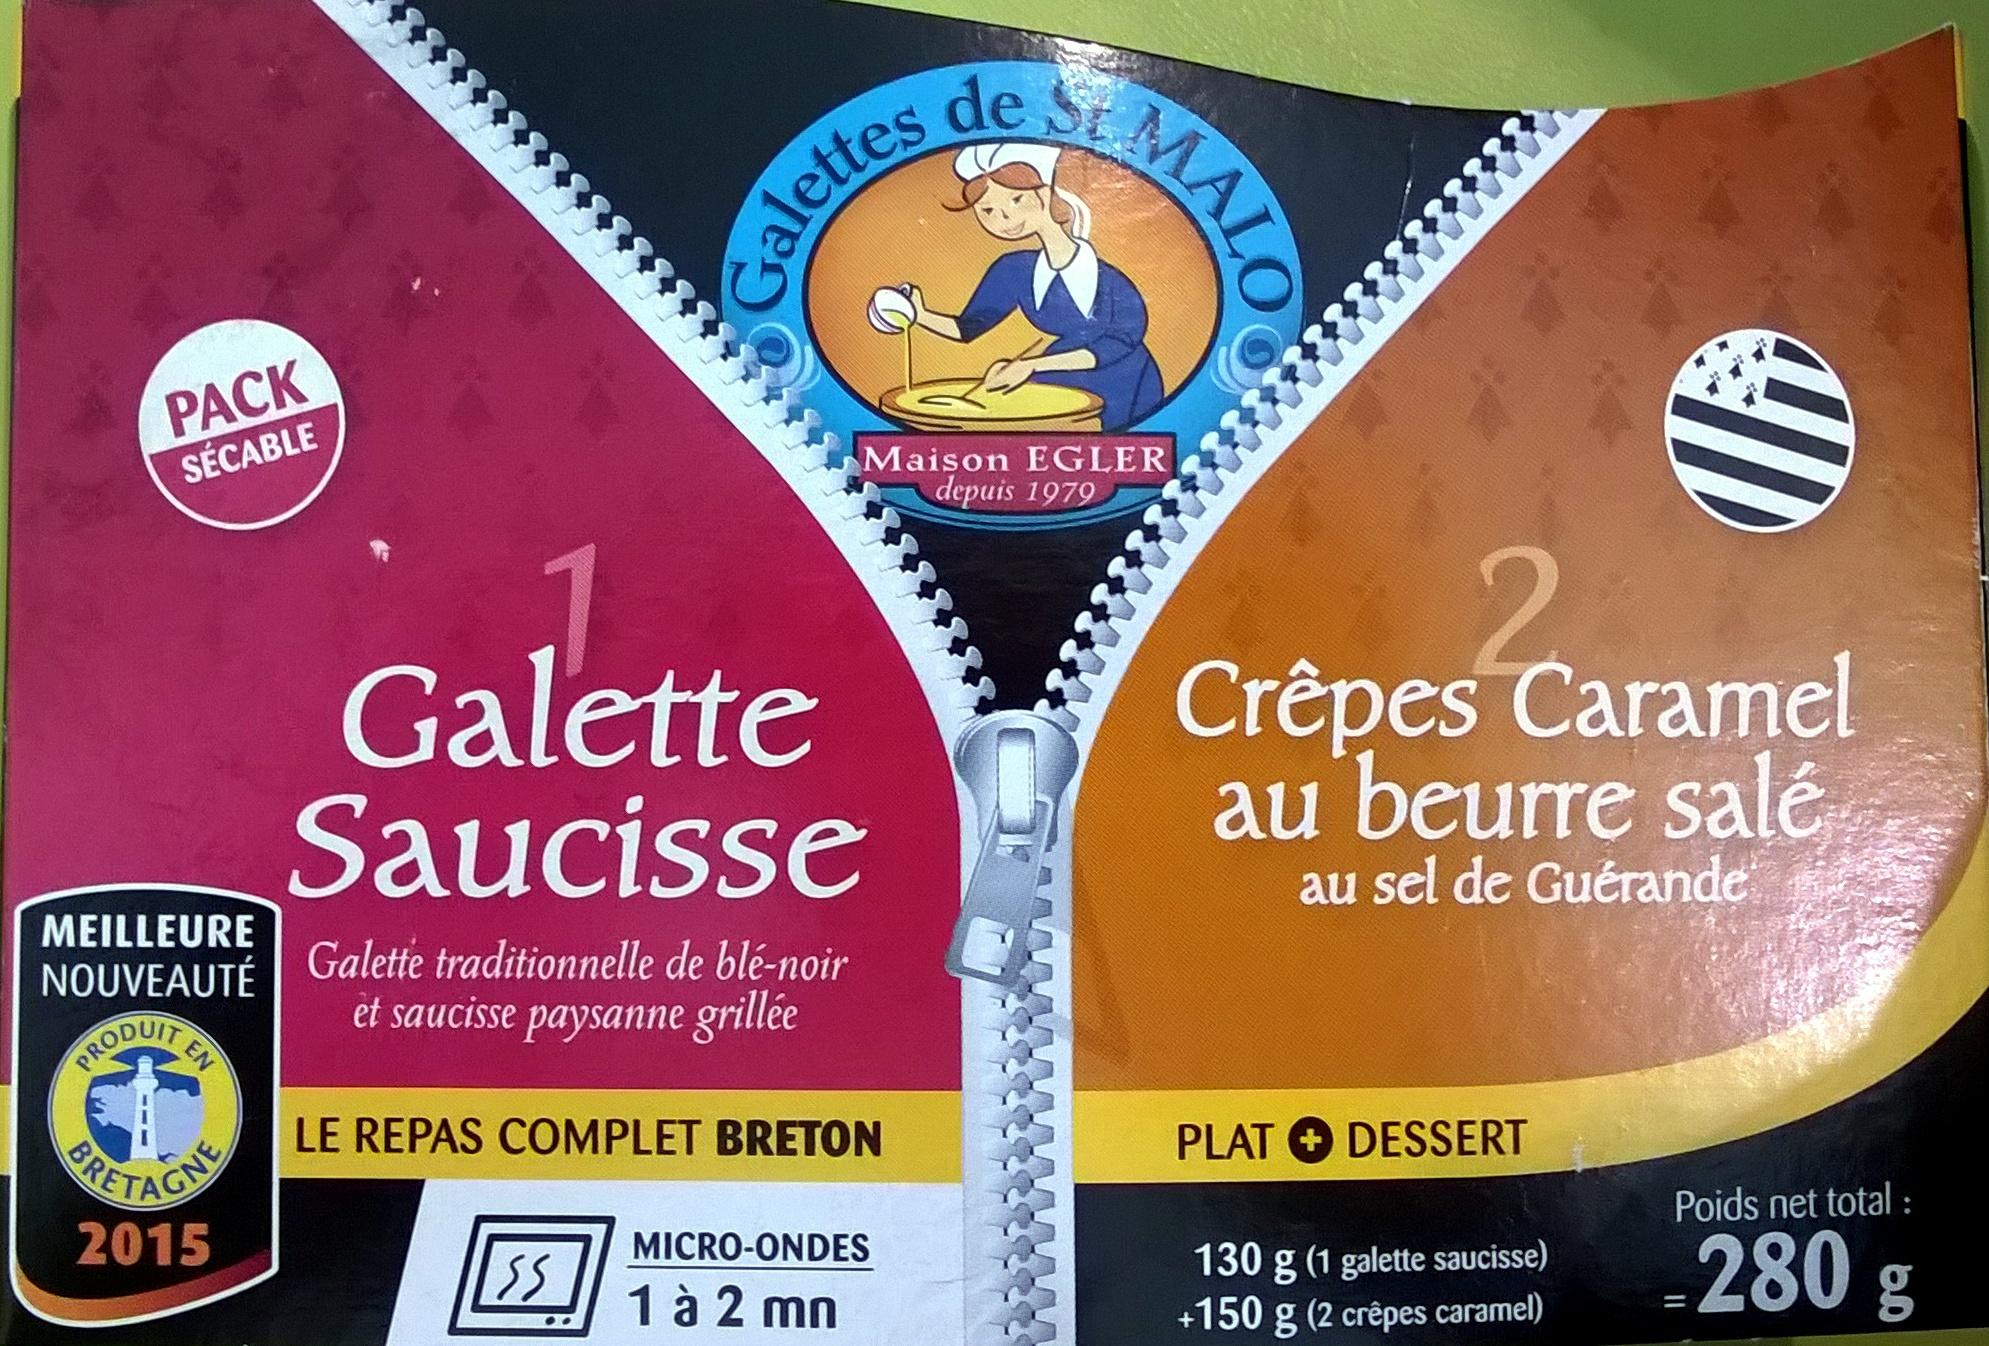 1 galettes saucisse 2 crêpes caramel au beurre salé - Produit